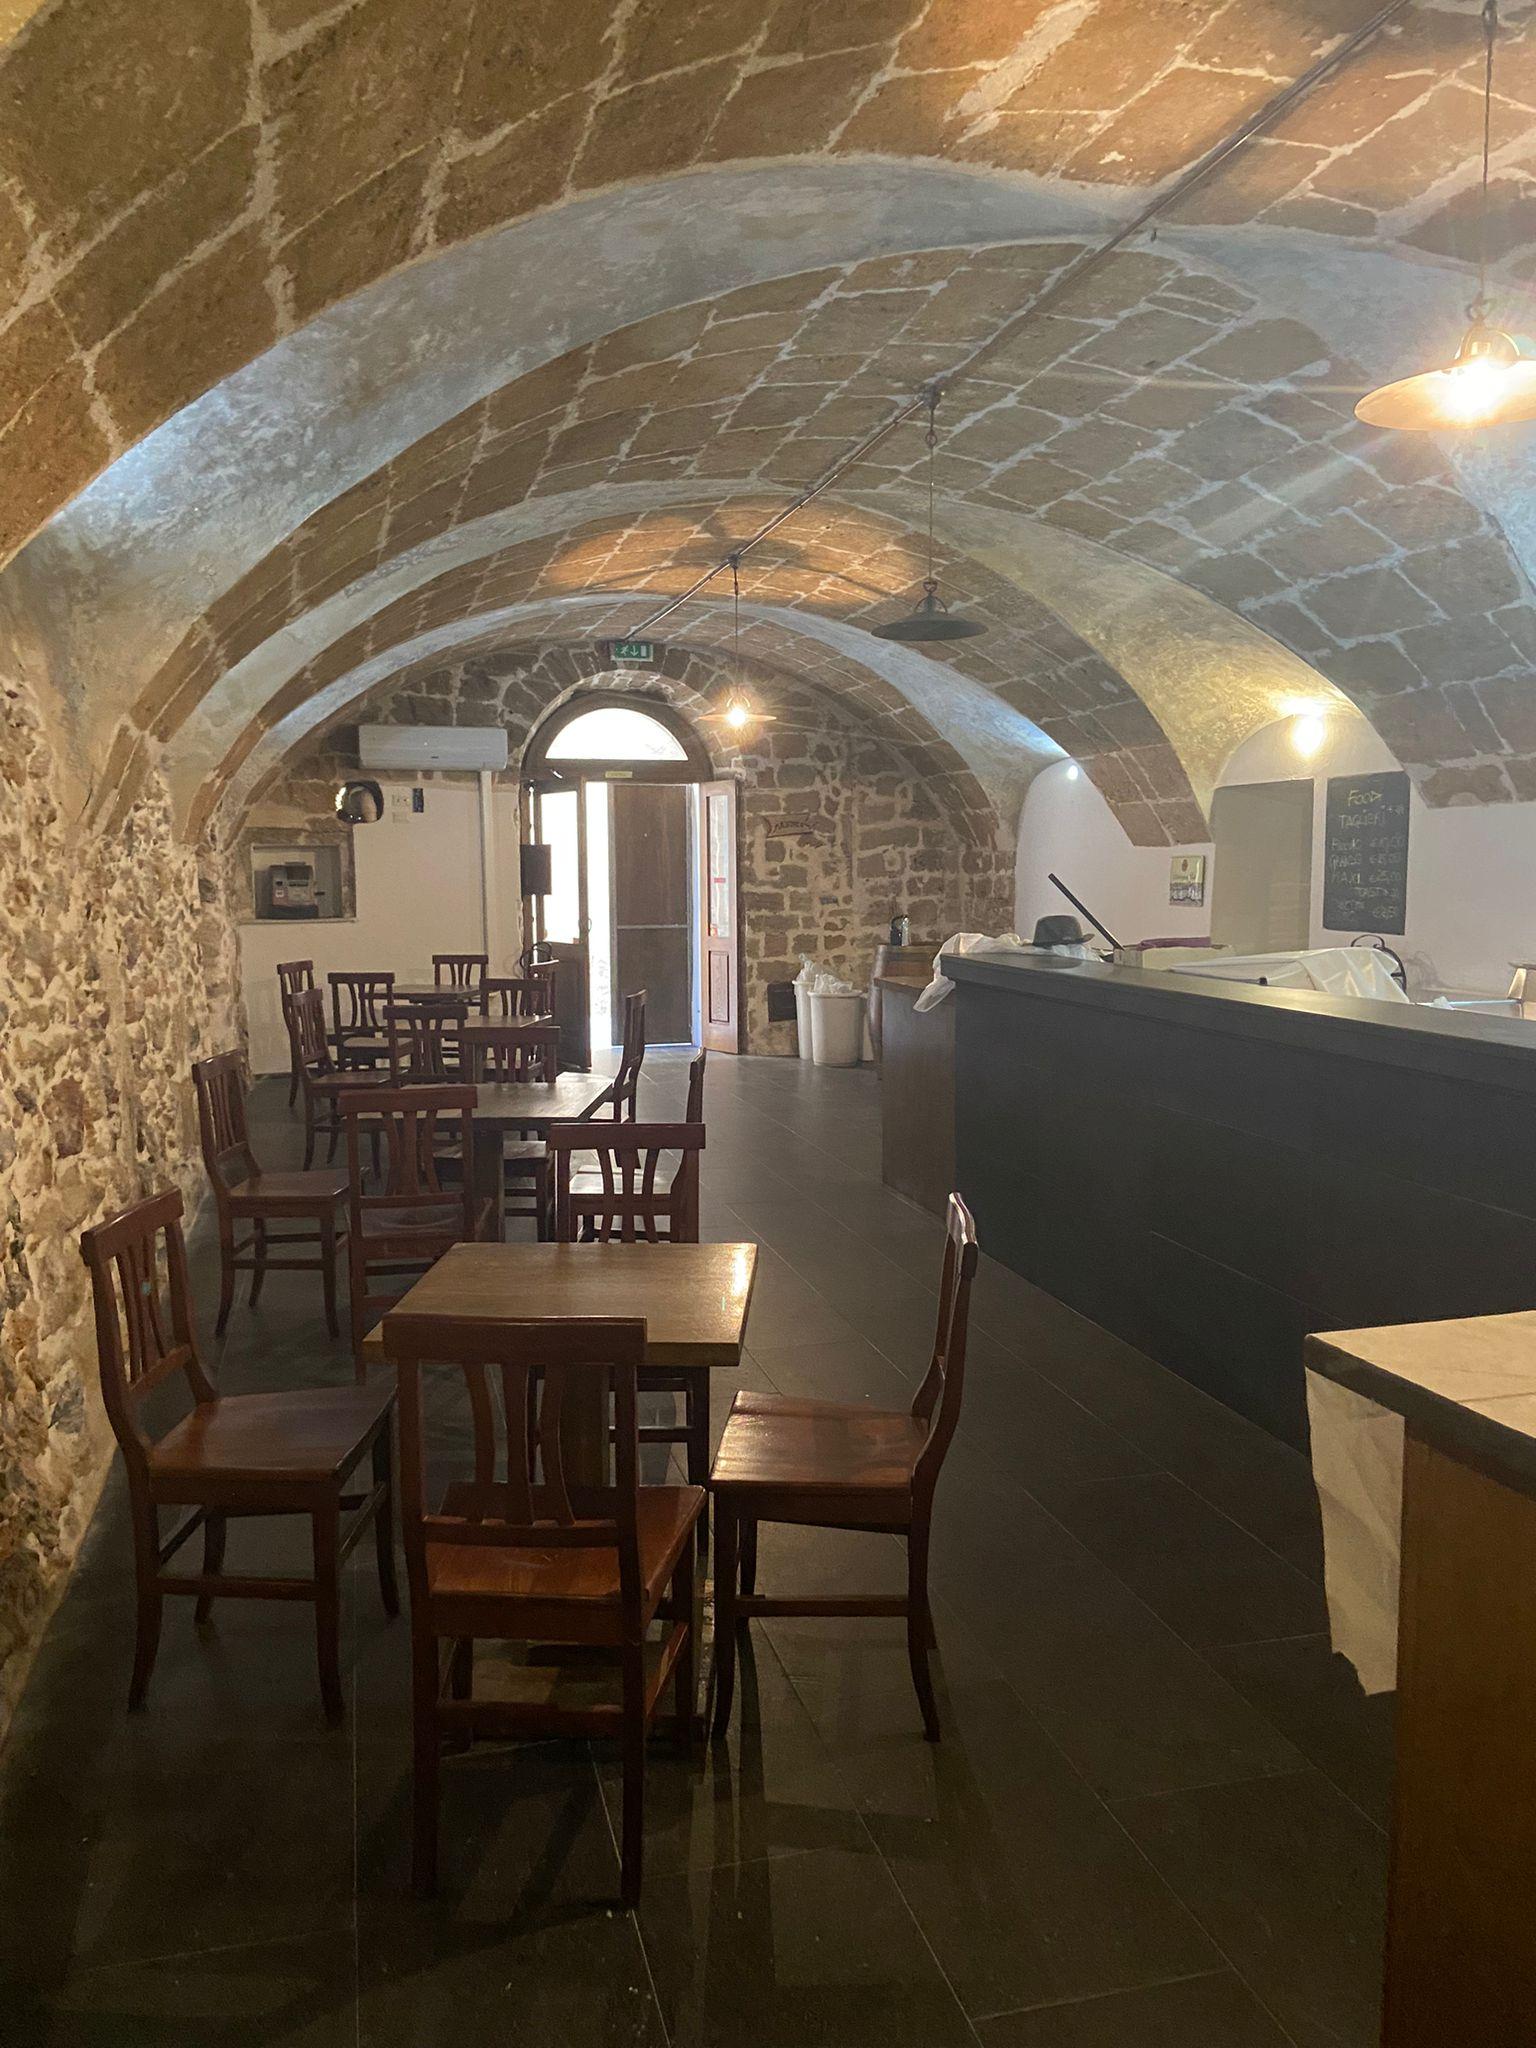 Alghero centro storico locale uso bar/ristorante